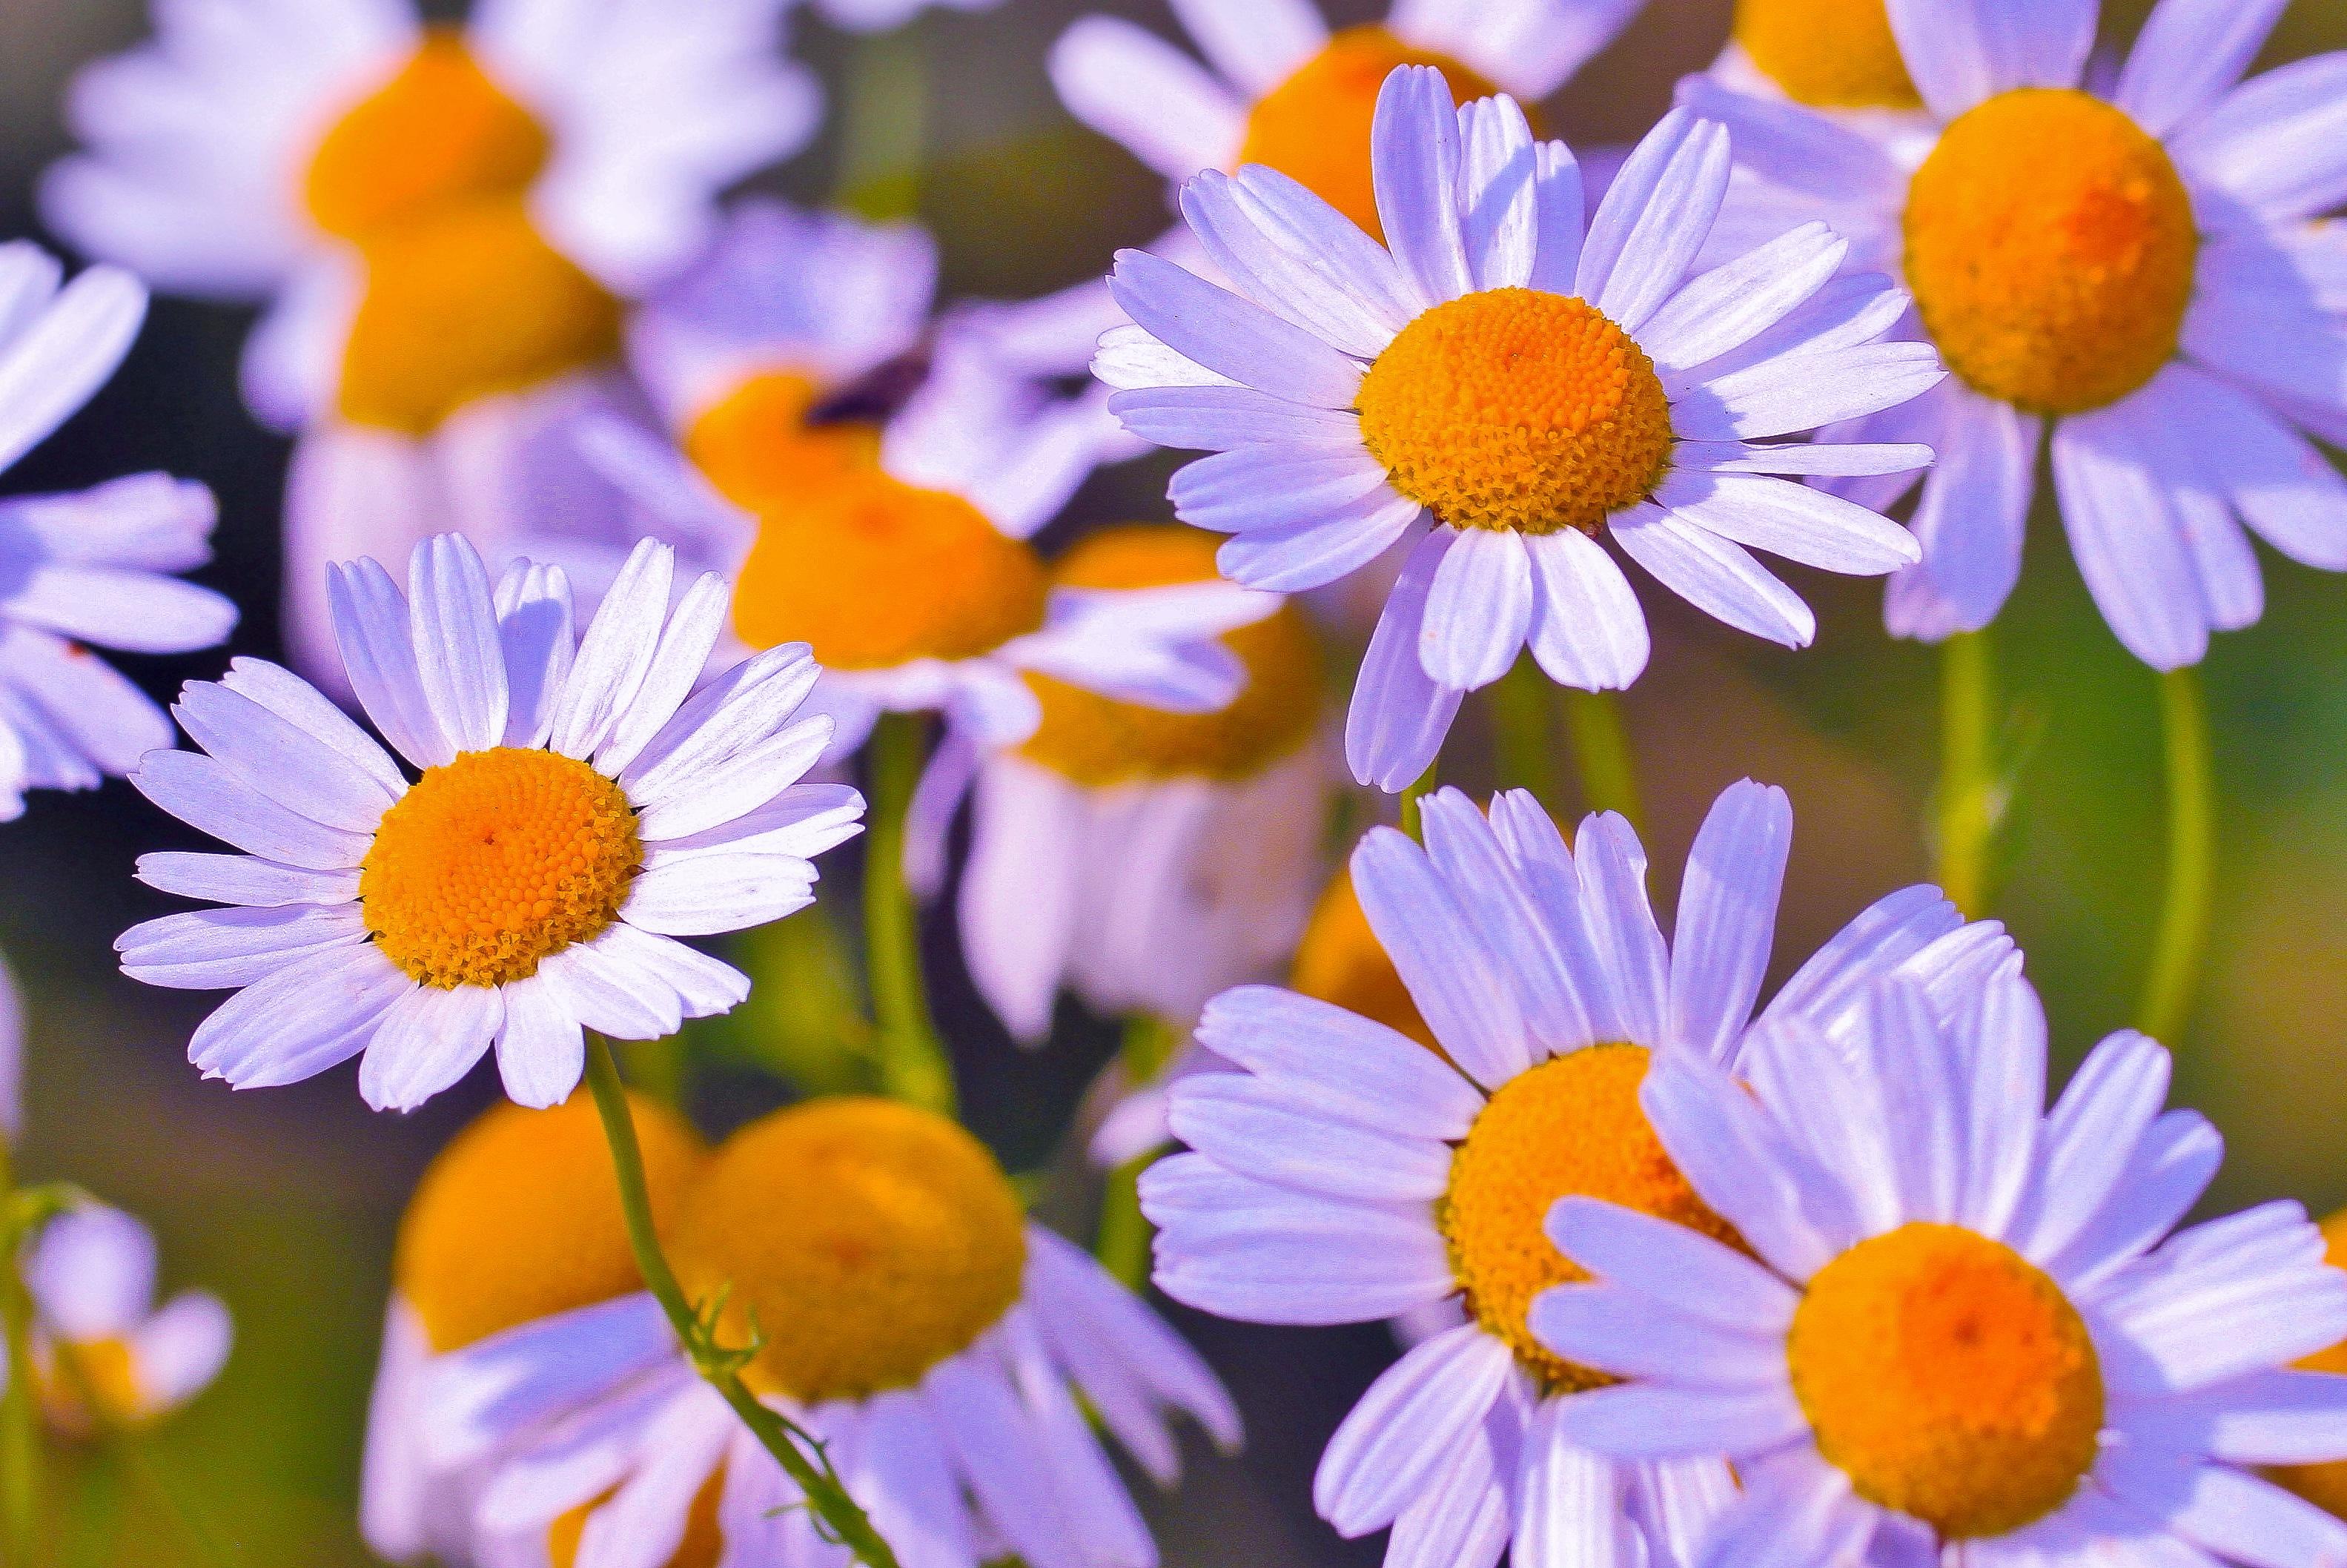 132798 Заставки и Обои Ромашки на телефон. Скачать Цветы, Ромашки, Лепестки, Бутоны картинки бесплатно